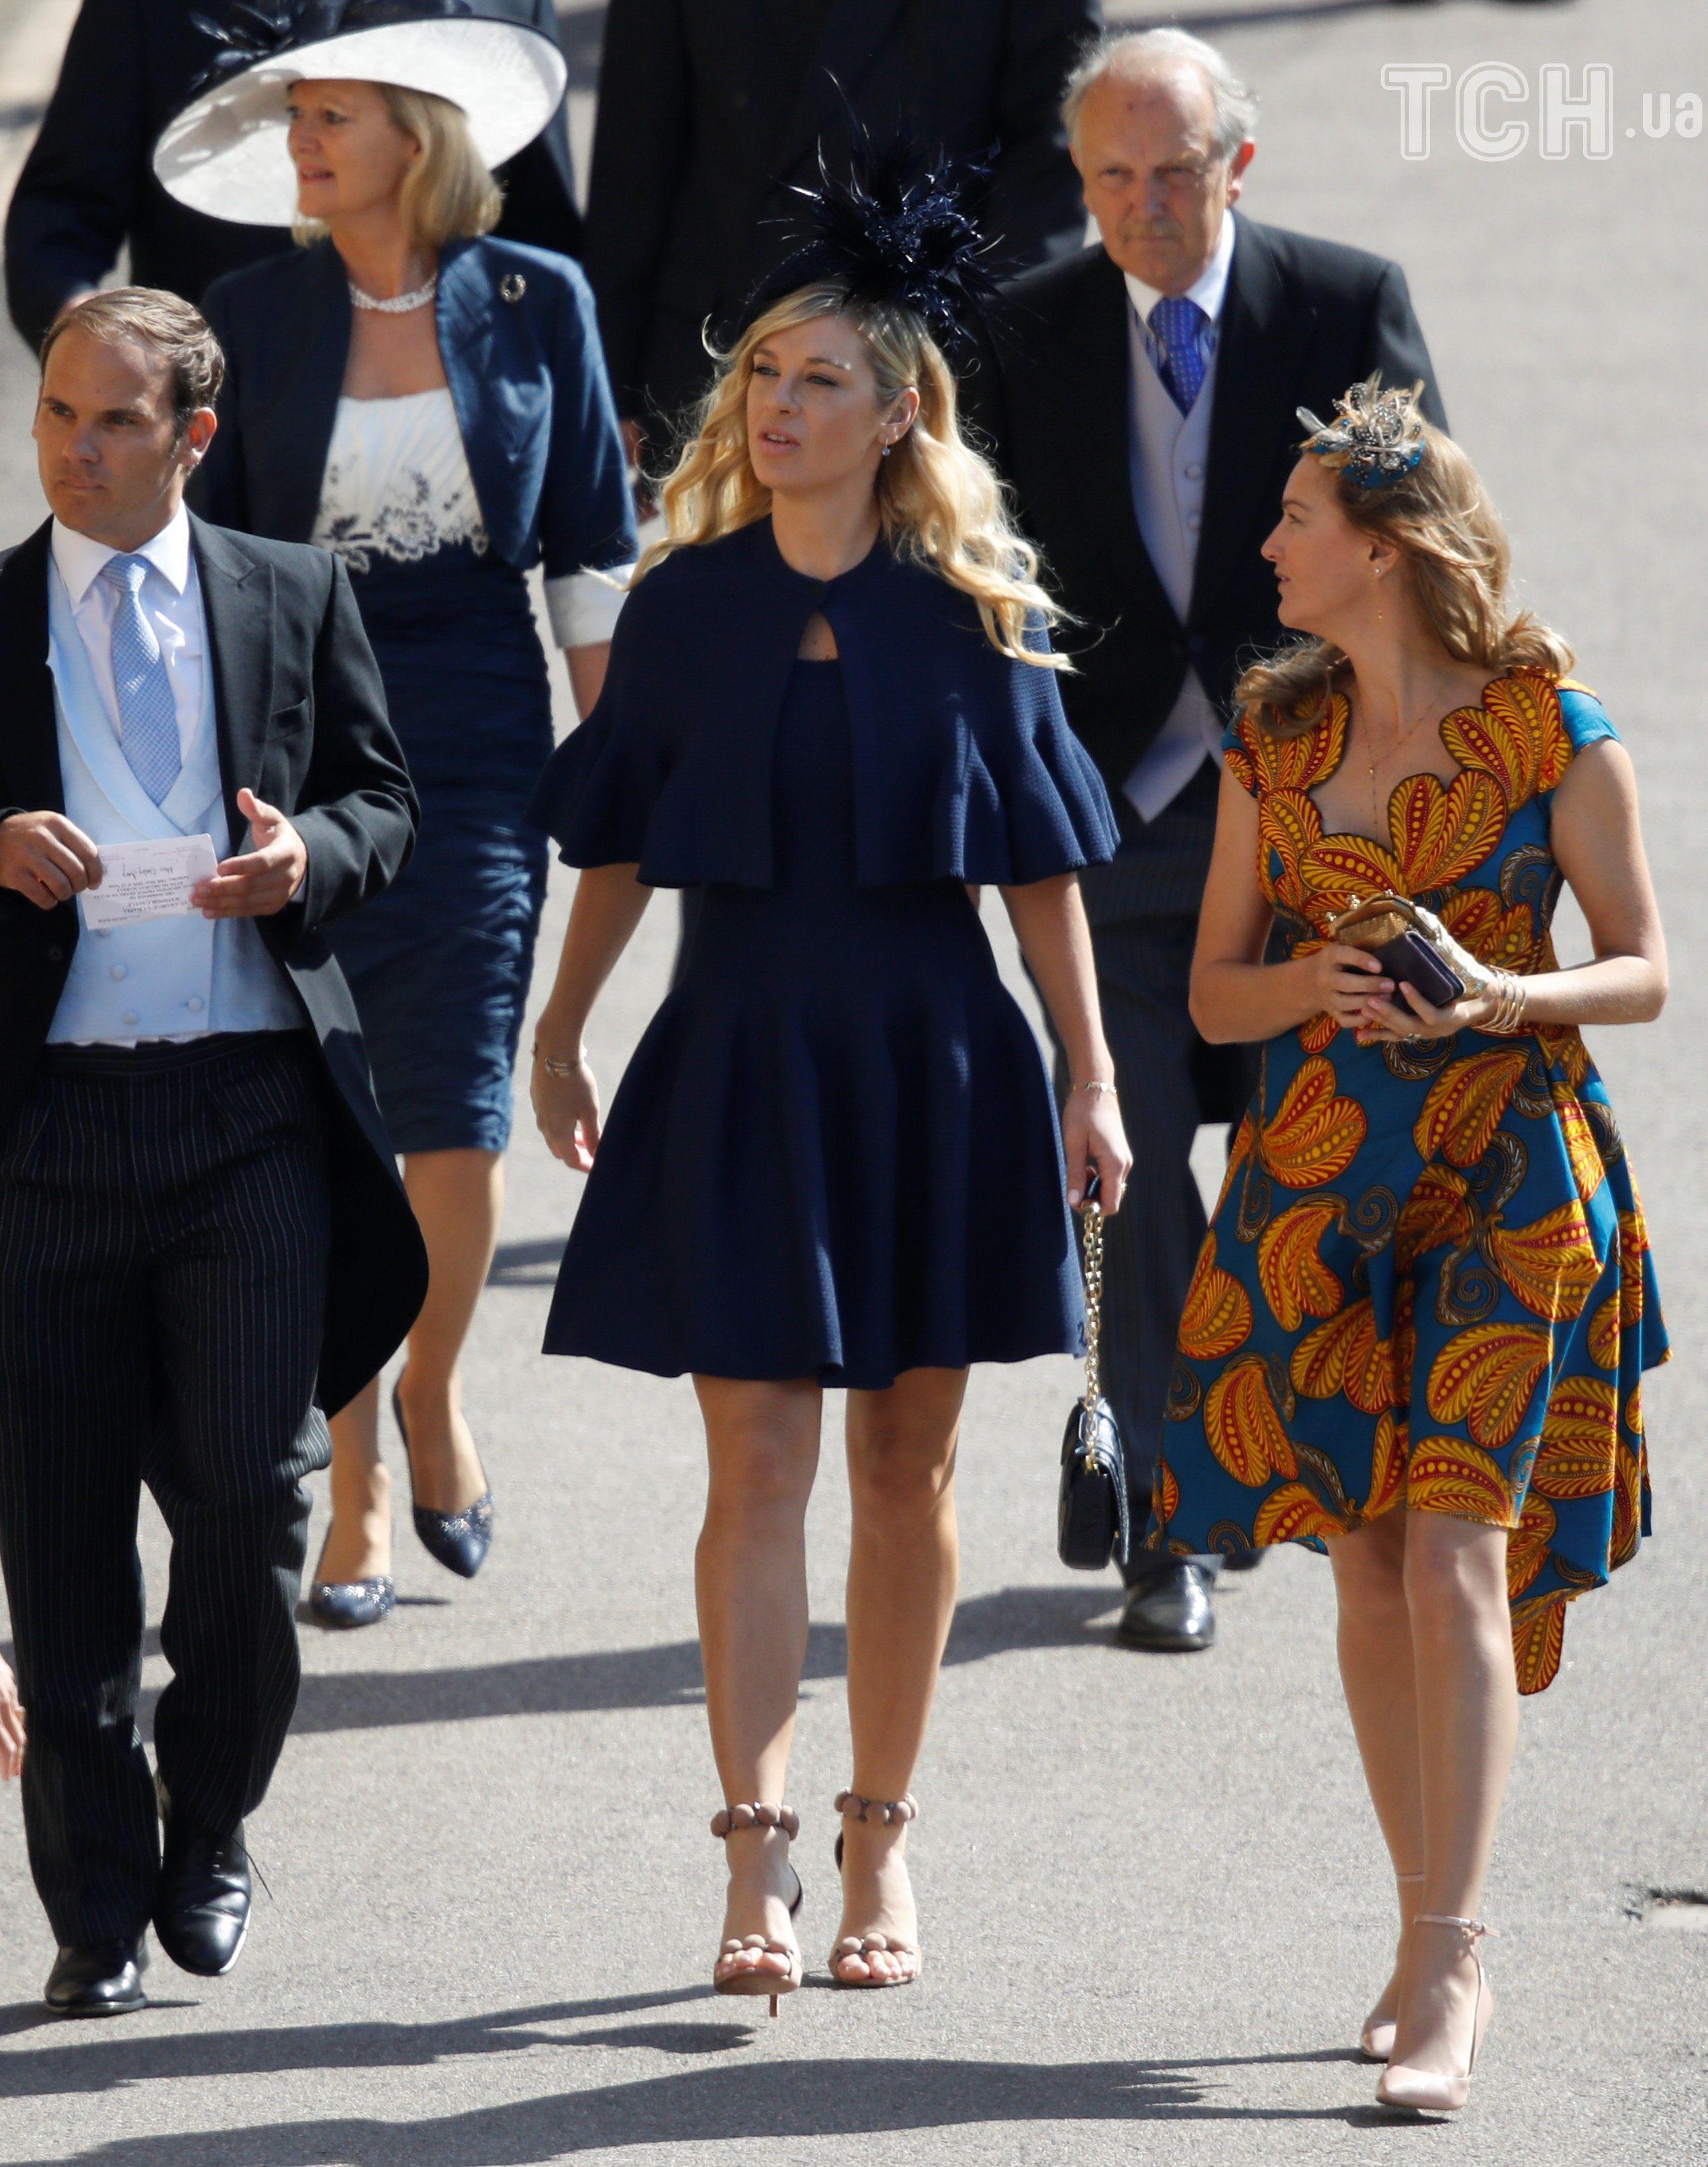 Челсі Деві на весіллі принца Гаррі